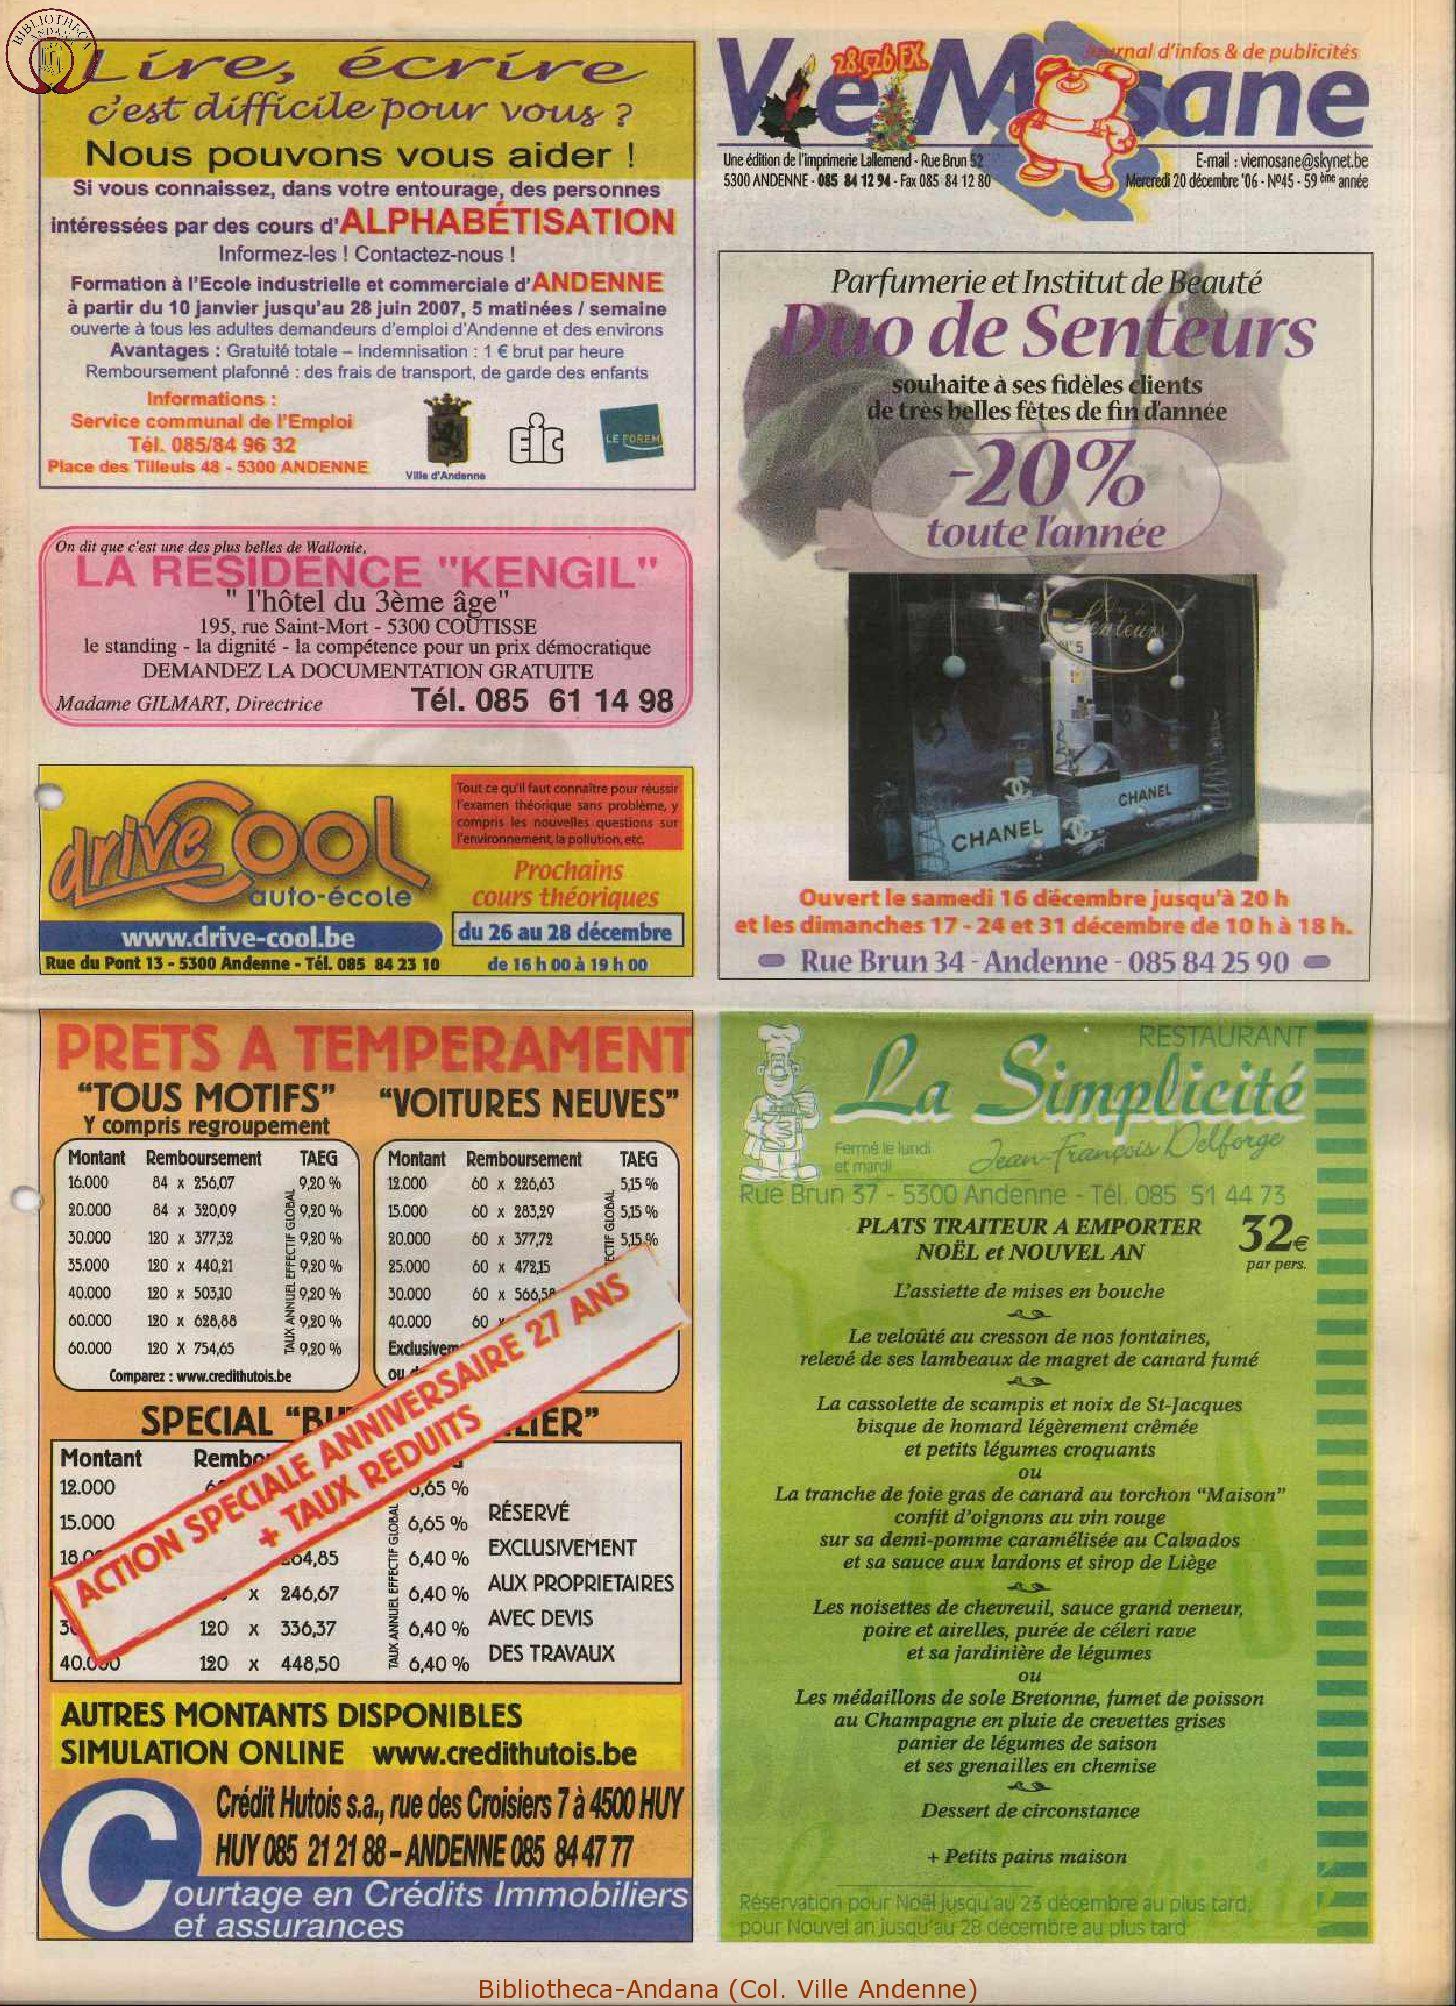 59e année - n°45 - 20 décembre 2006